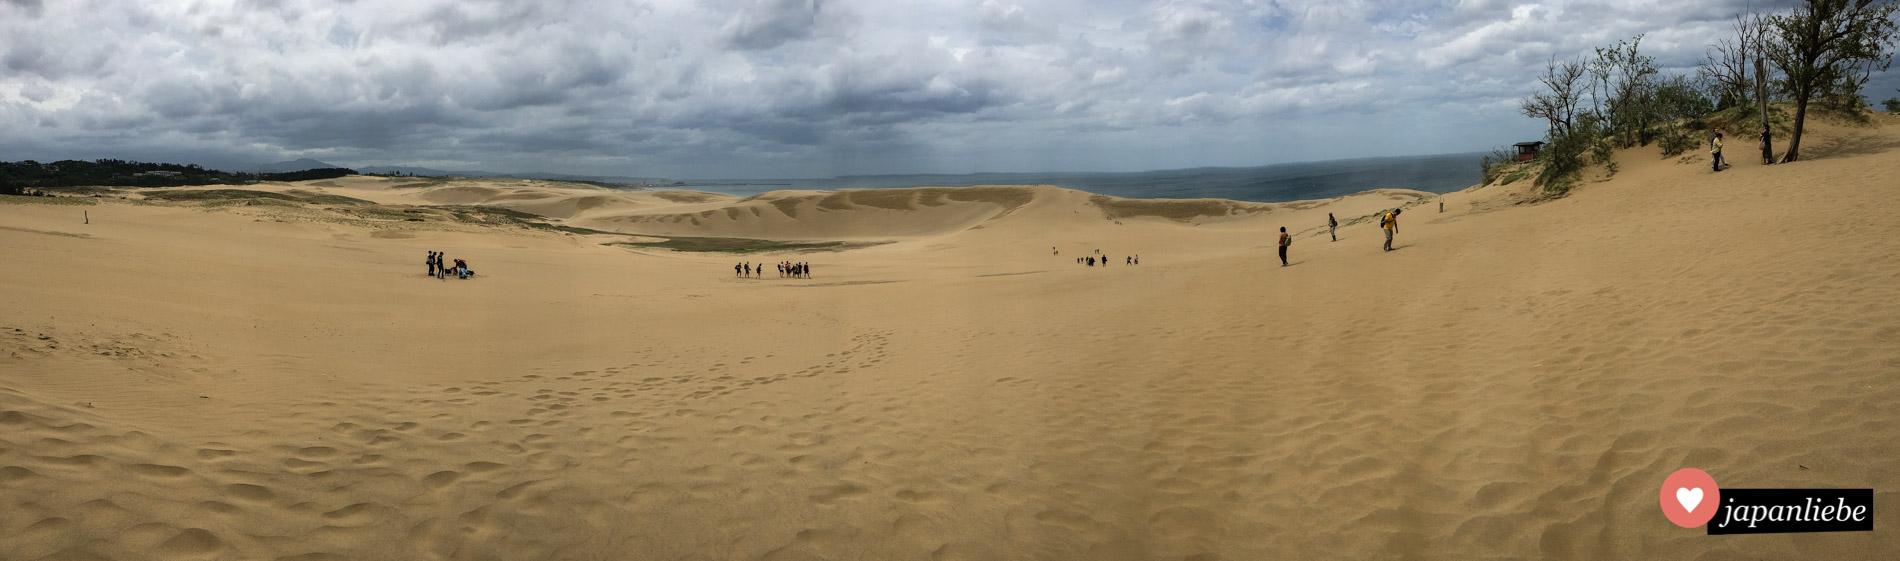 Nur ein kleiner Ausschnitt des knapp 16km langen Wüstenstreifens.